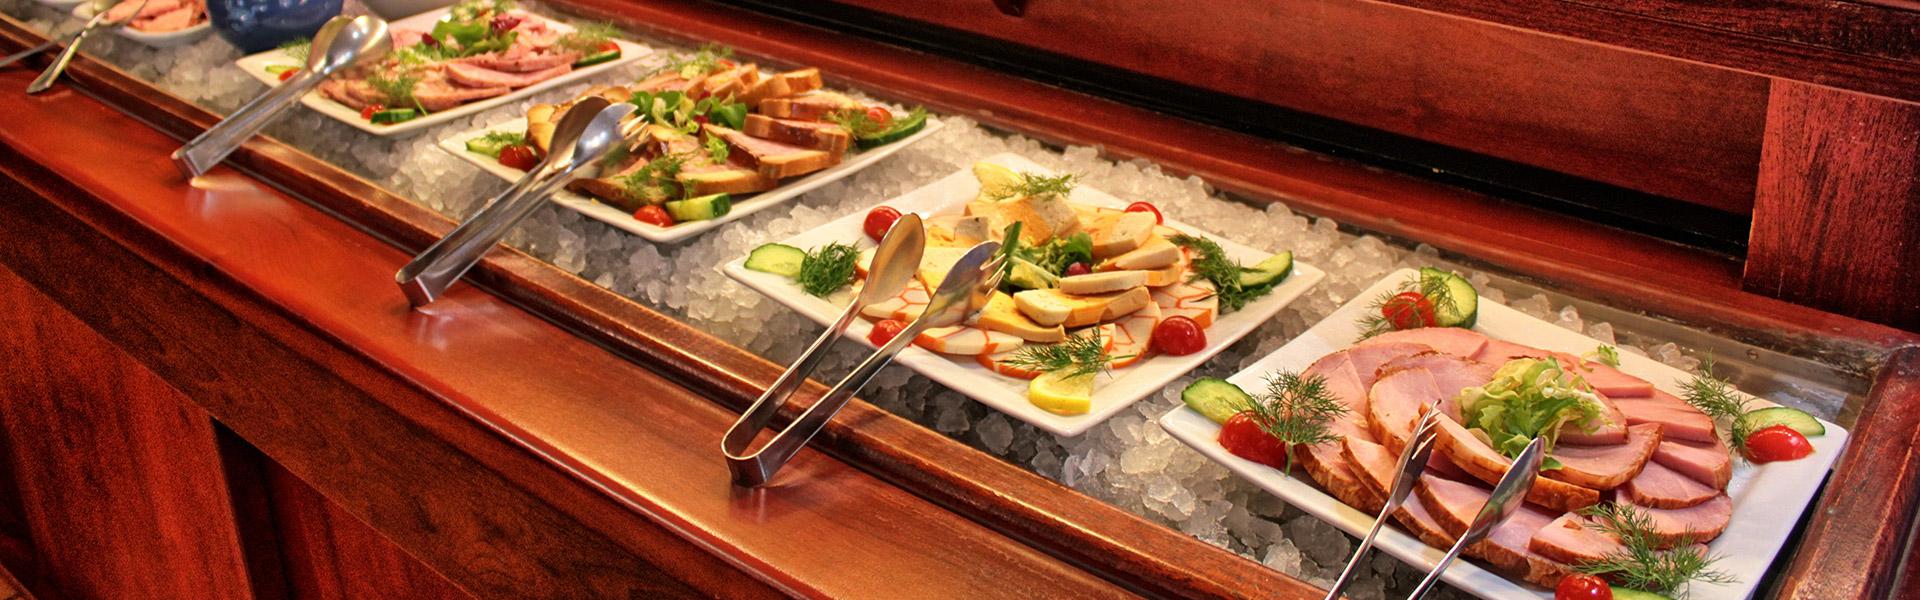 hotel_bleu_france_restaurant_buffet_1920x600